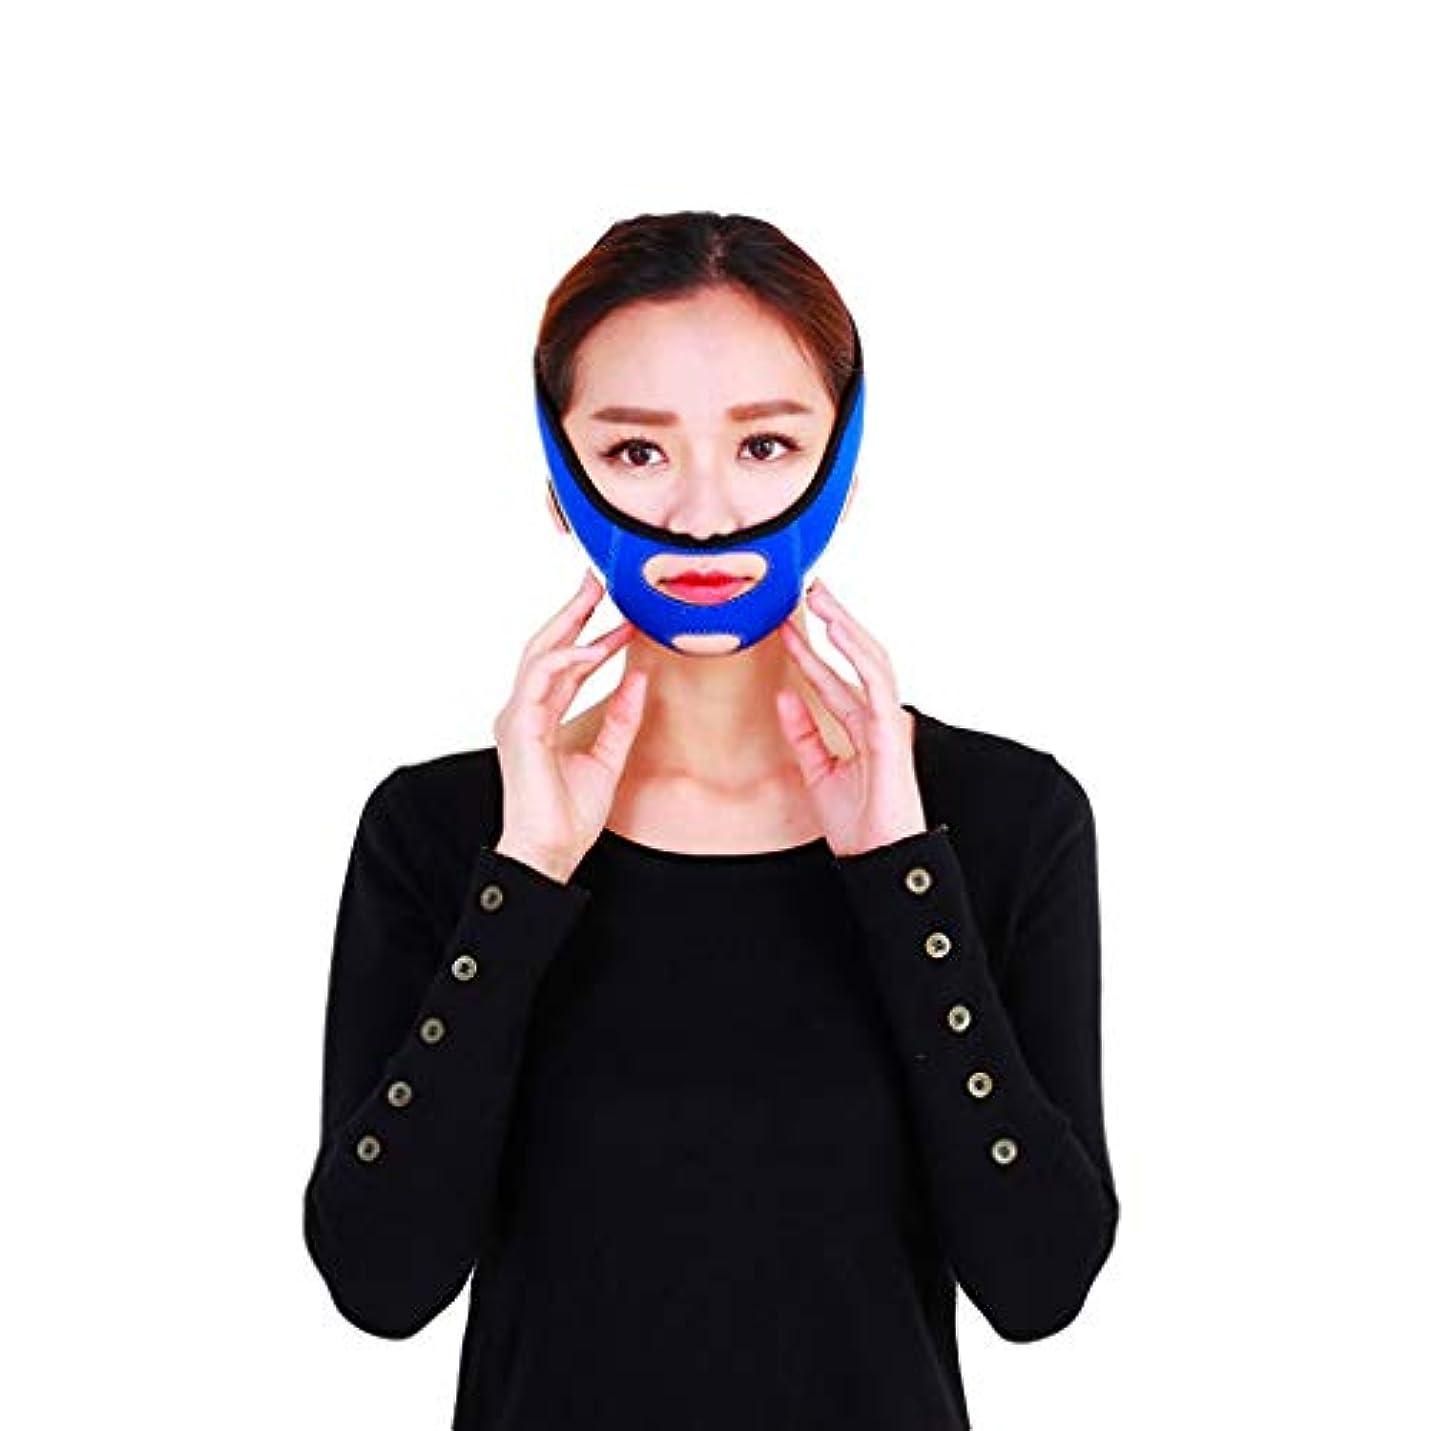 チャネルアクティビティミスペンド滑り止め弾性ストレッチ包帯を強化するために口を調整する顔の顔のマスク